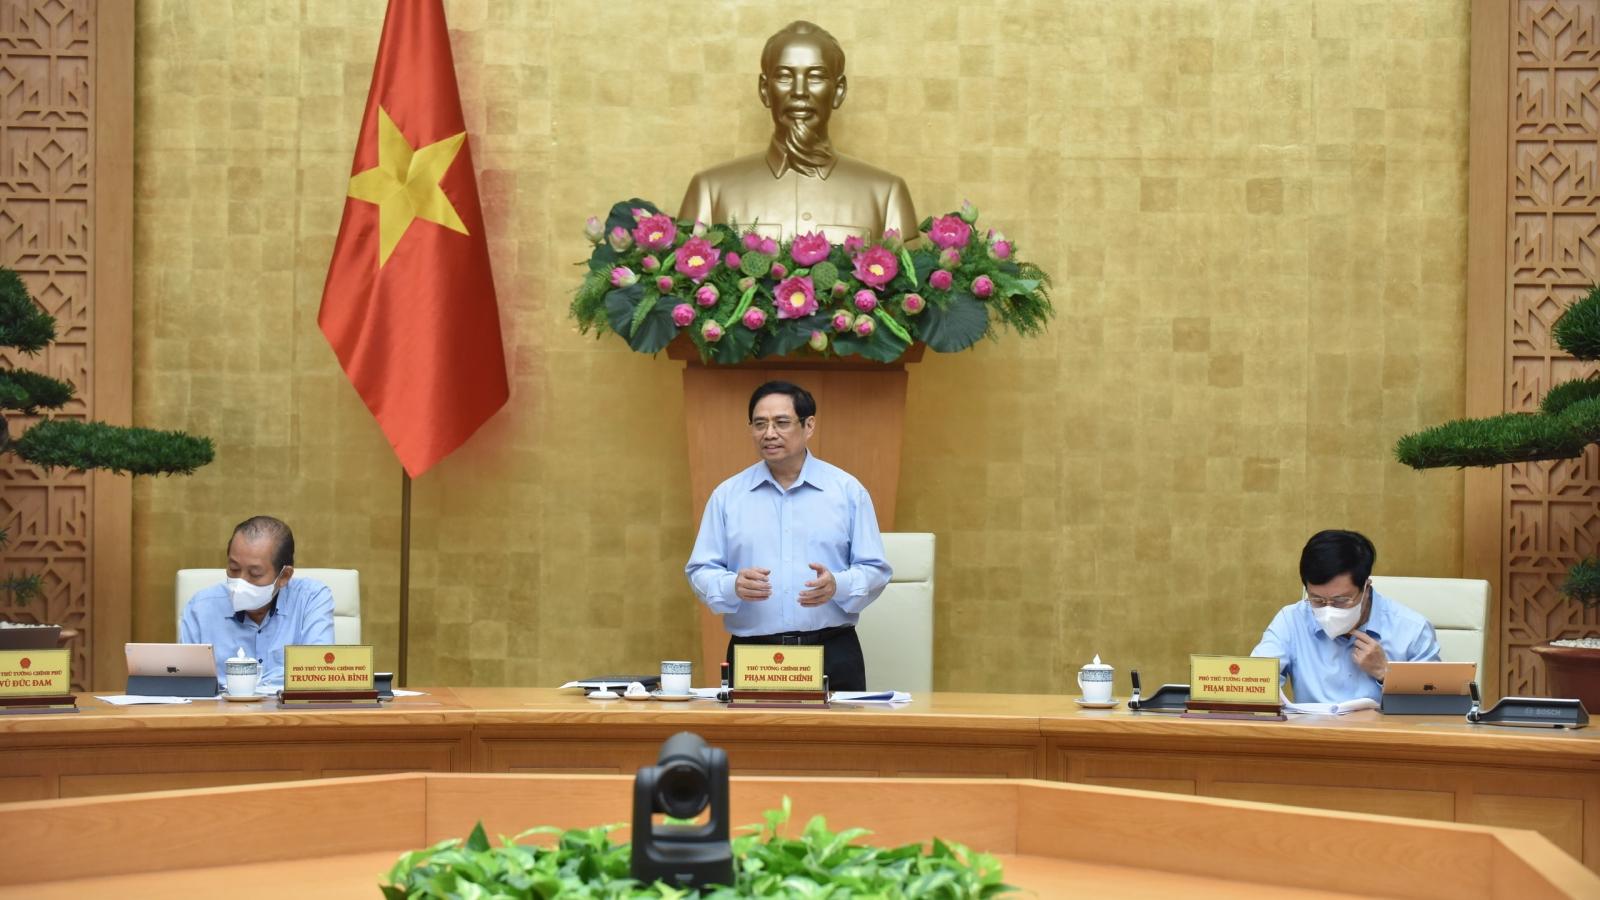 Thủ tướng chủ trì họp khẩn với Ban Chỉ đạo Quốc gia phòng, chống COVID-19